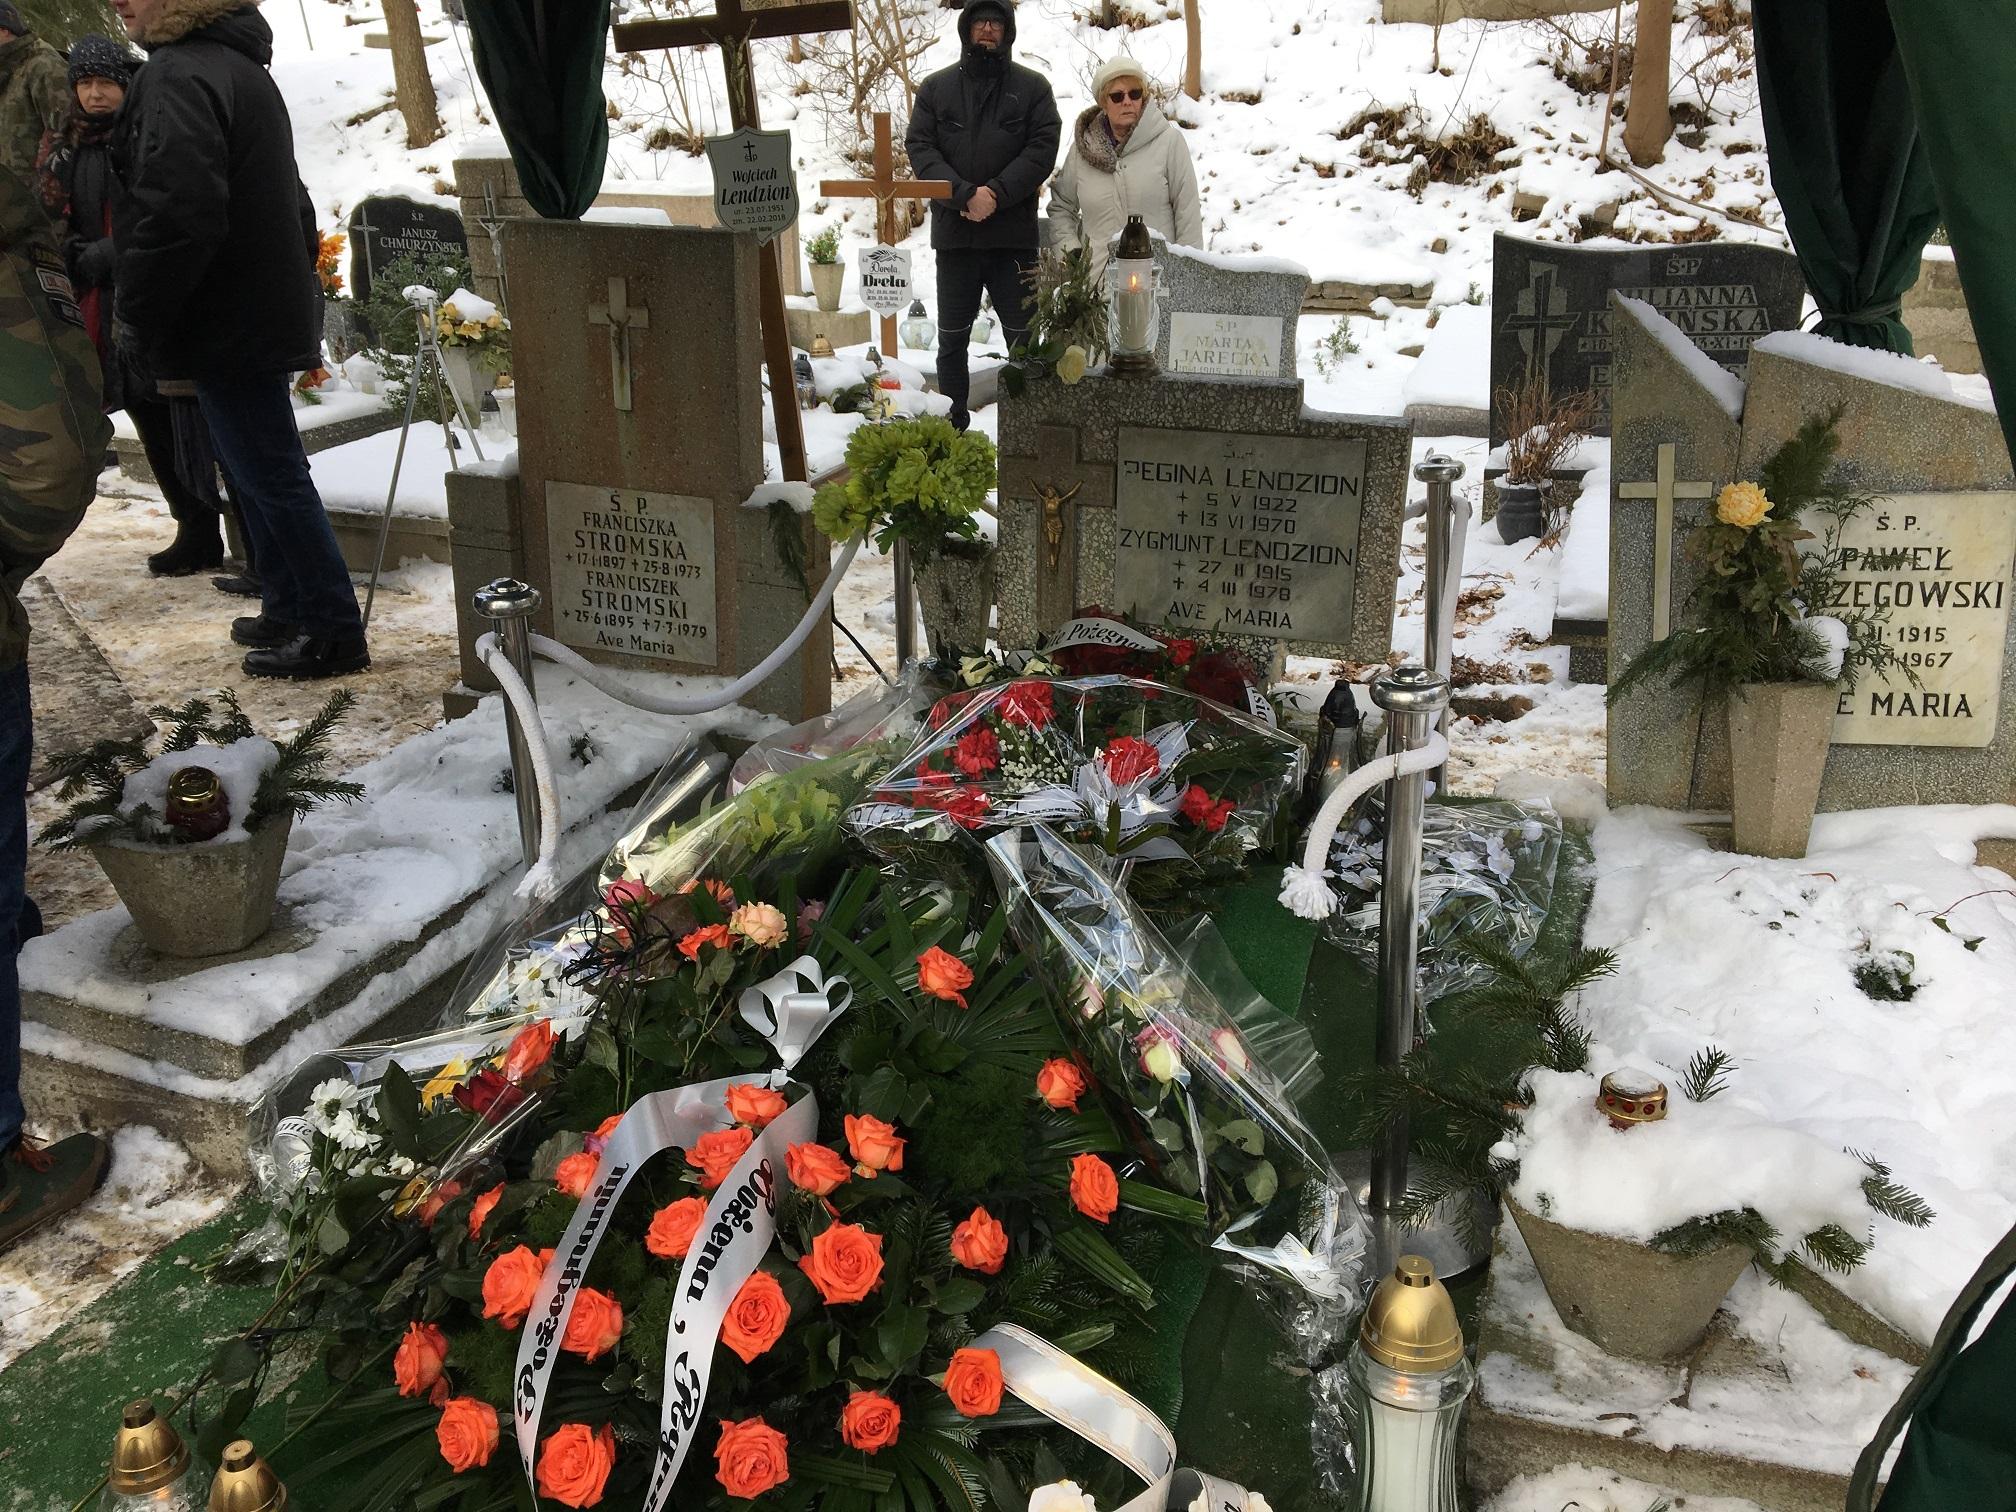 Pogrzeb Wojtka Lendziona Fot_J_Wikowski IMG_1931[1]